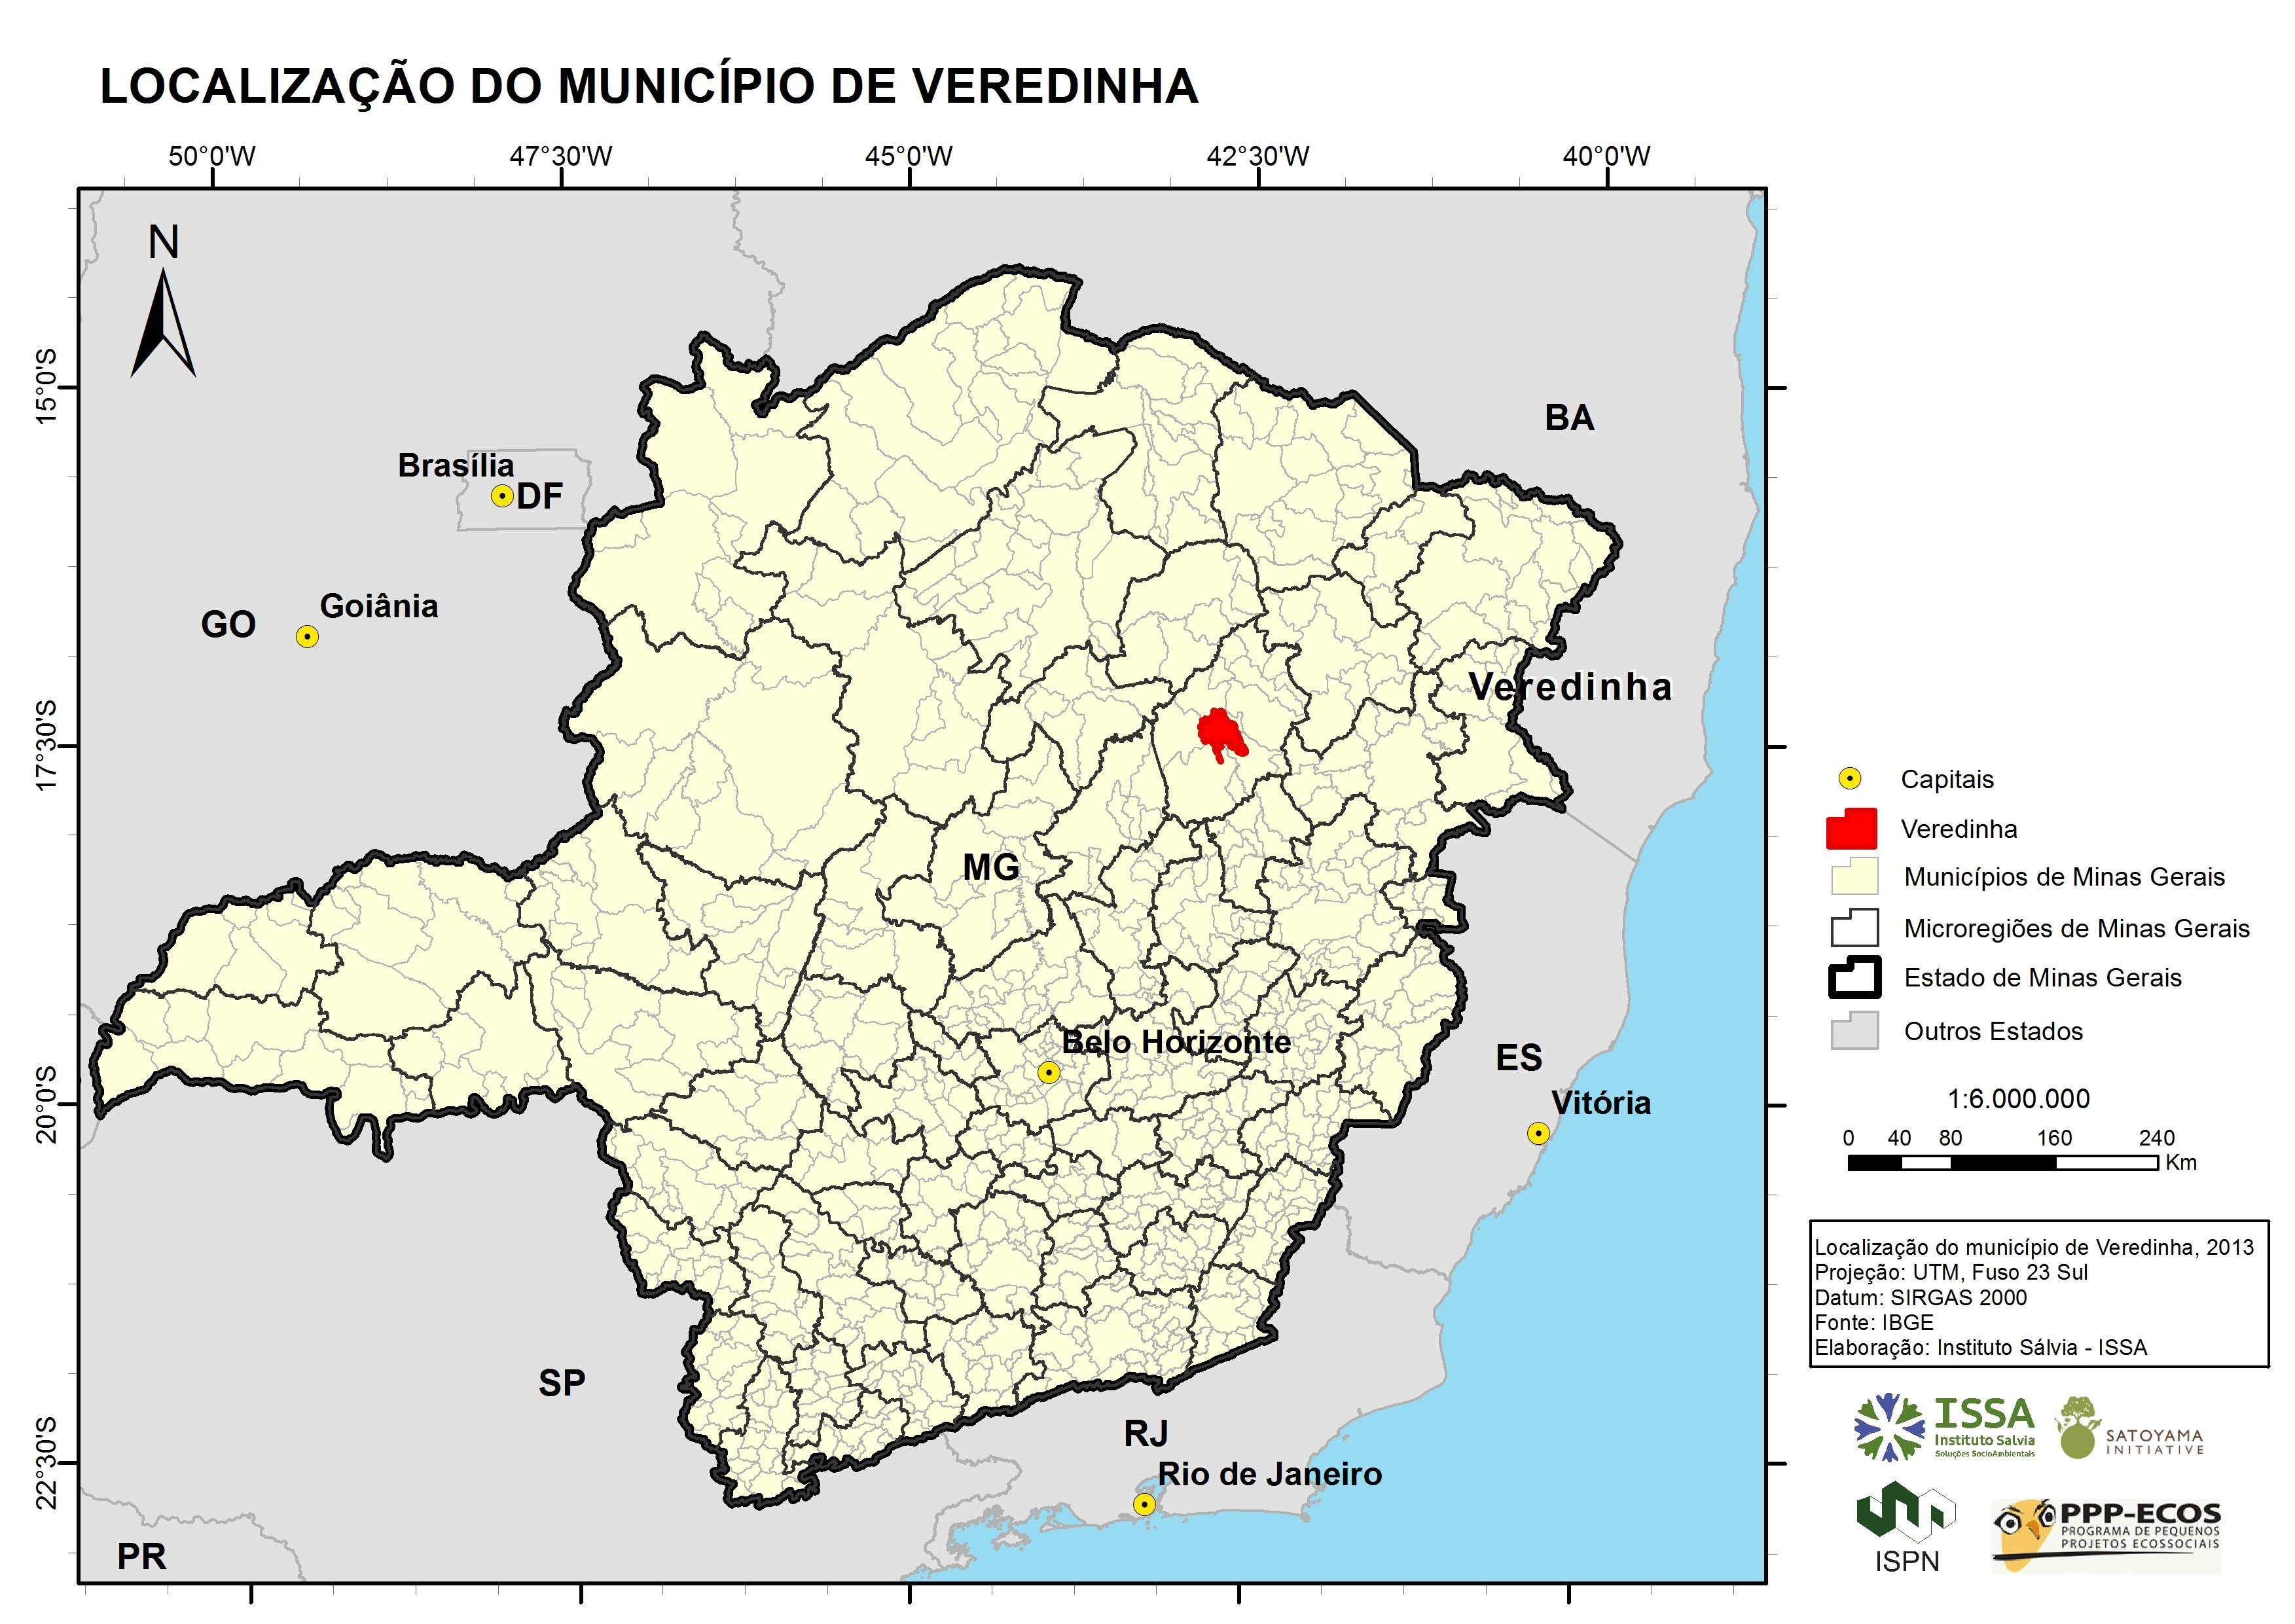 Veredinha Minas Gerais fonte: comdeksproject.files.wordpress.com